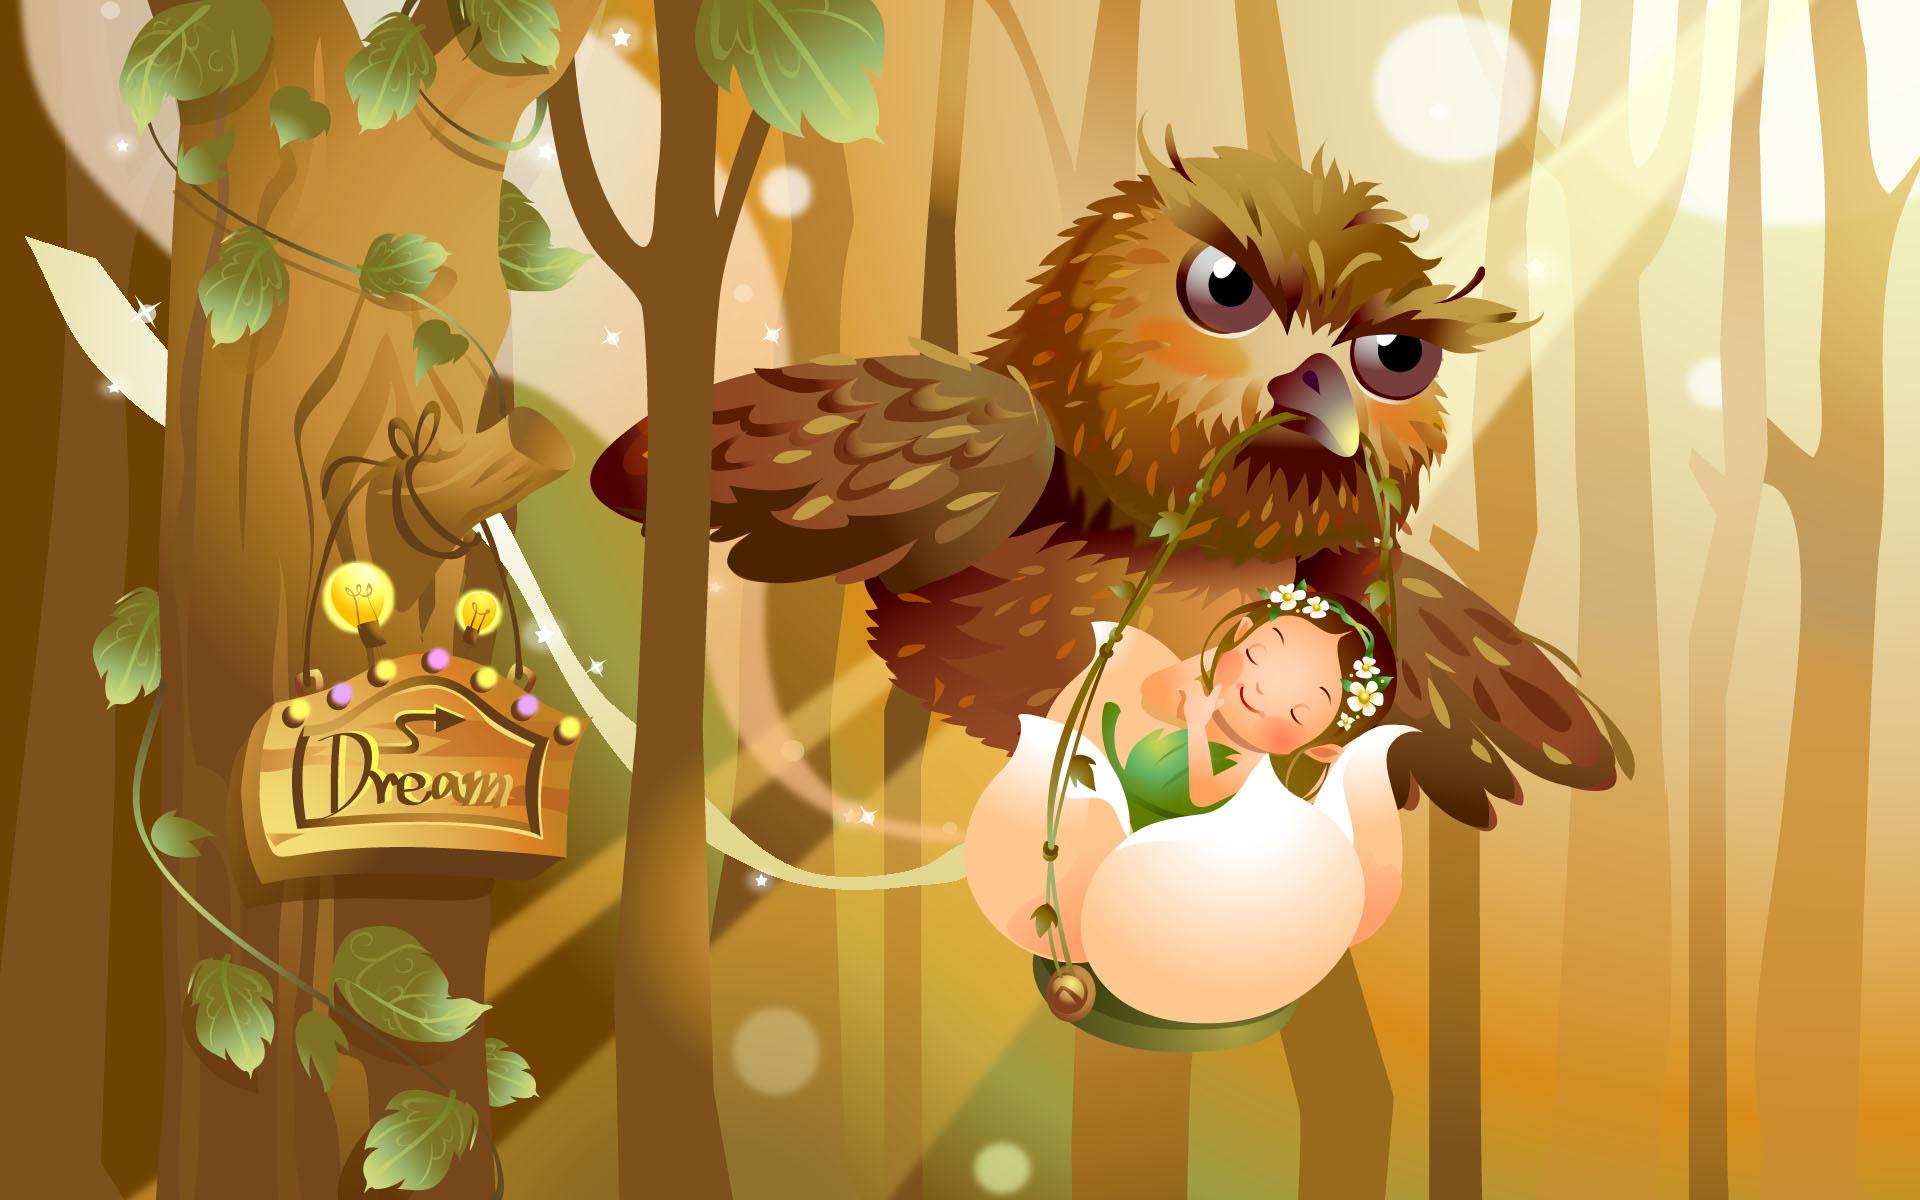 童话世界-设计欣赏-素材中国-online.sccnn.com